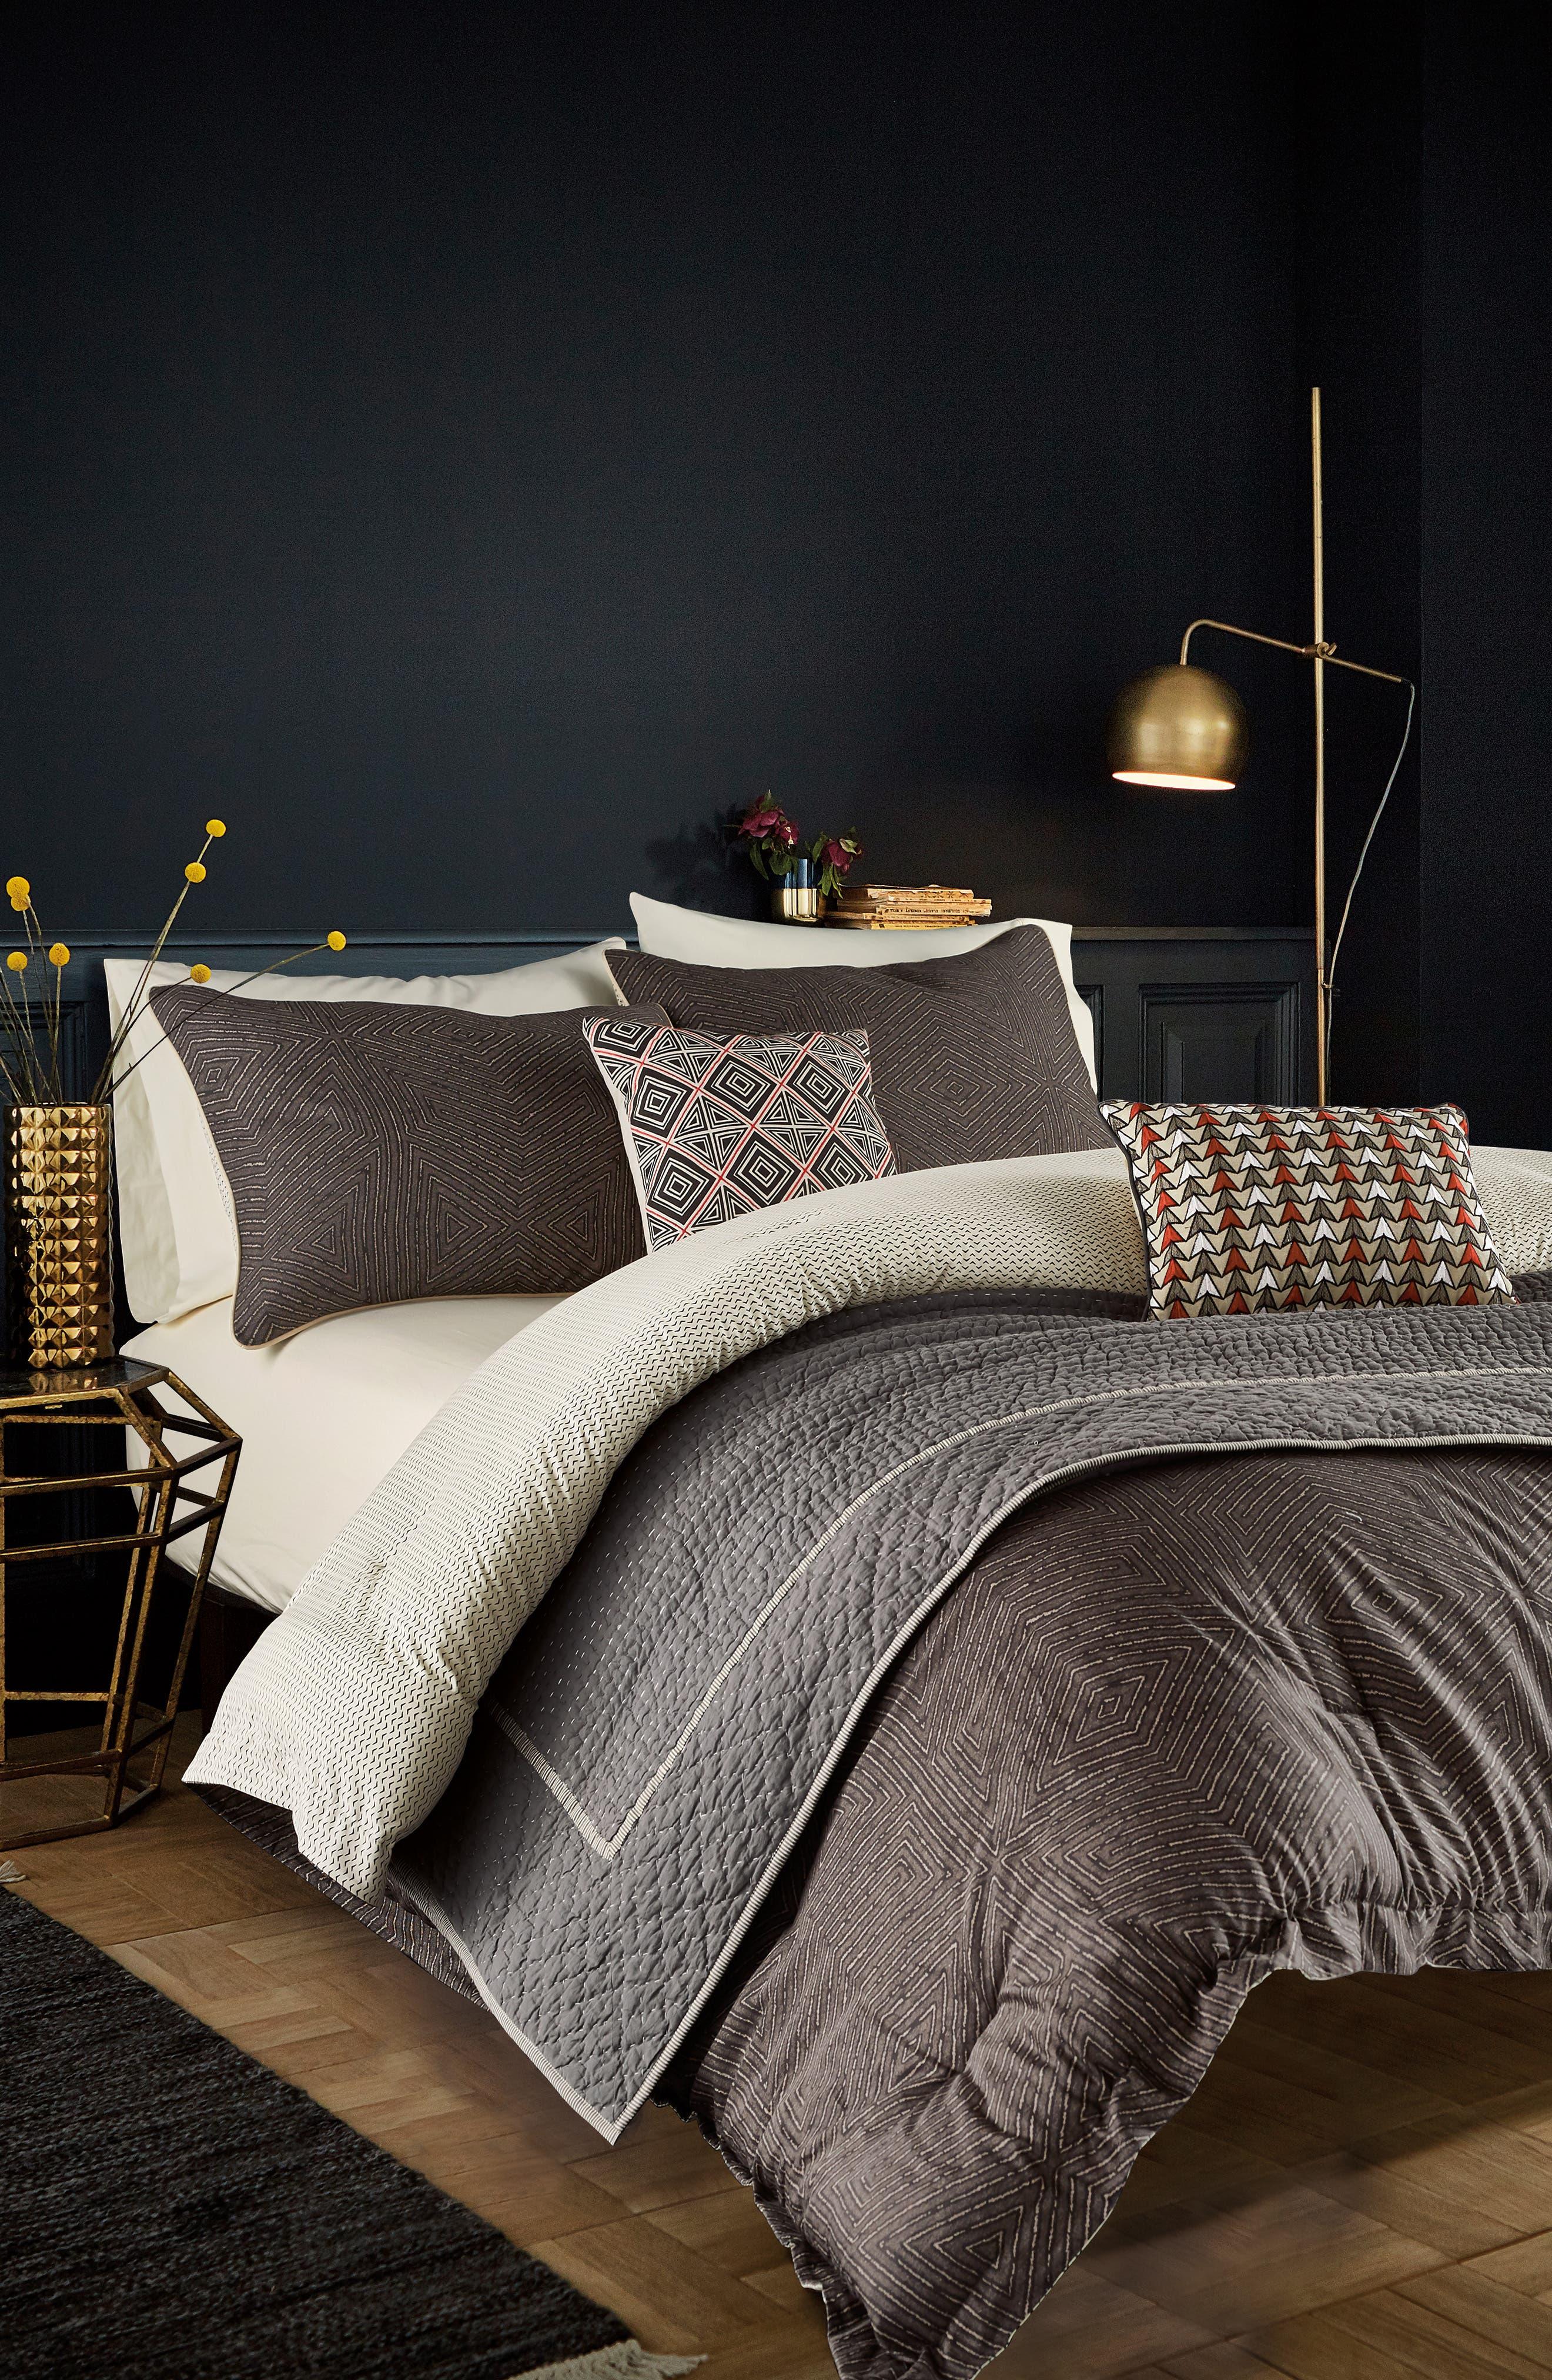 BEDECK,                             Arro Comforter, Sham & Accent Pillow Set,                             Alternate thumbnail 4, color,                             CHARCOAL